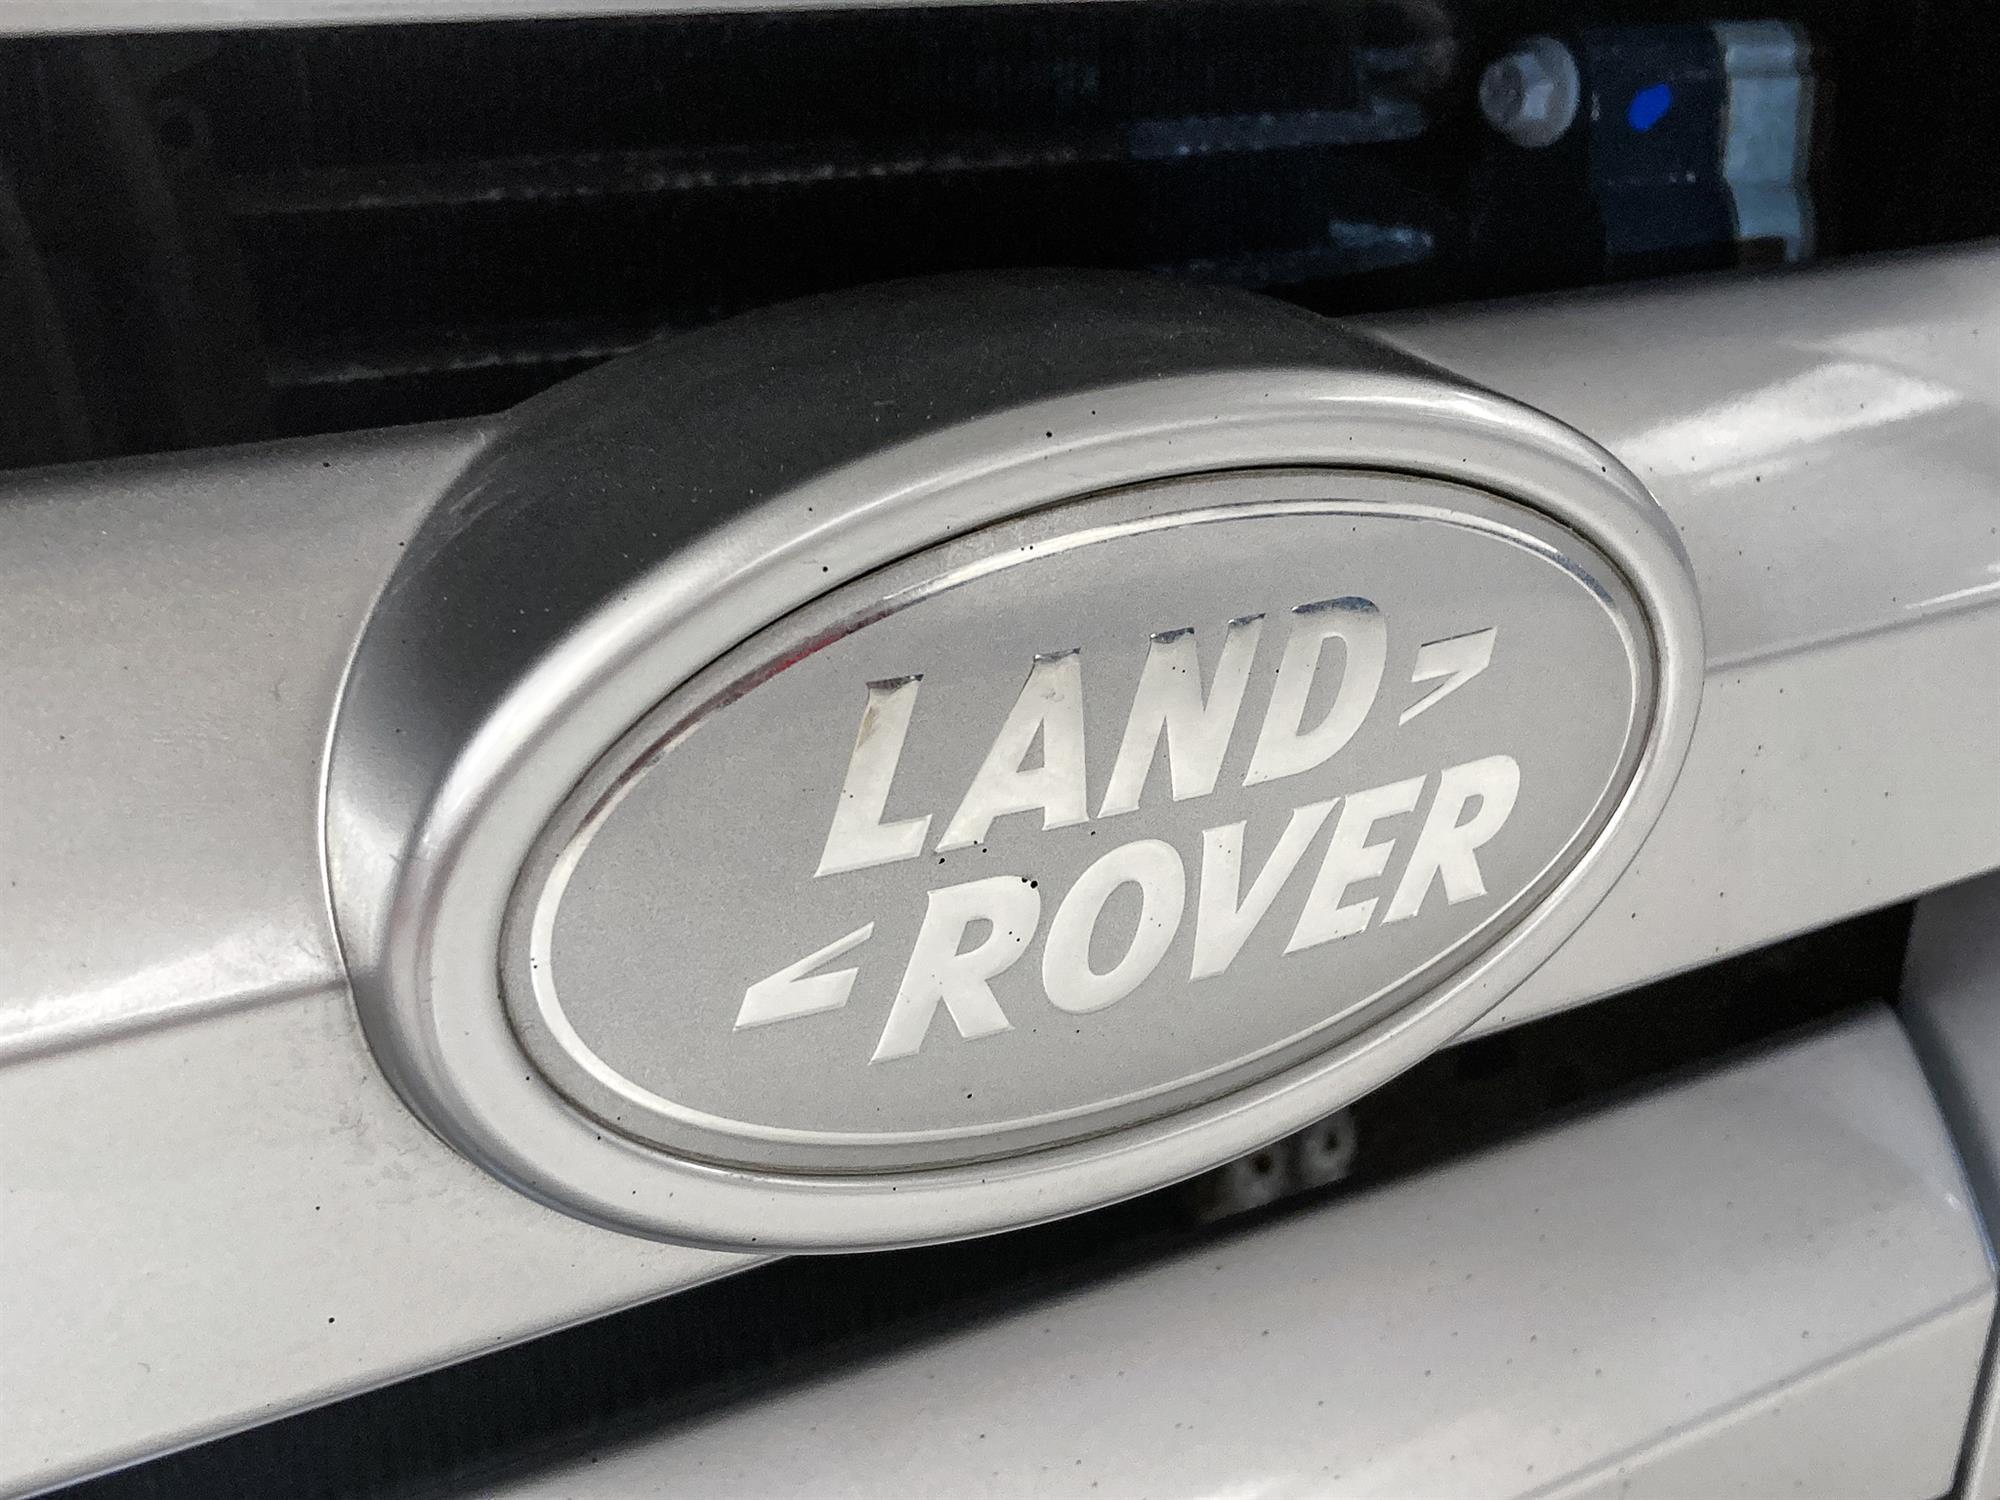 2008 Land Rover Defender 90 SVX - Image 12 of 13